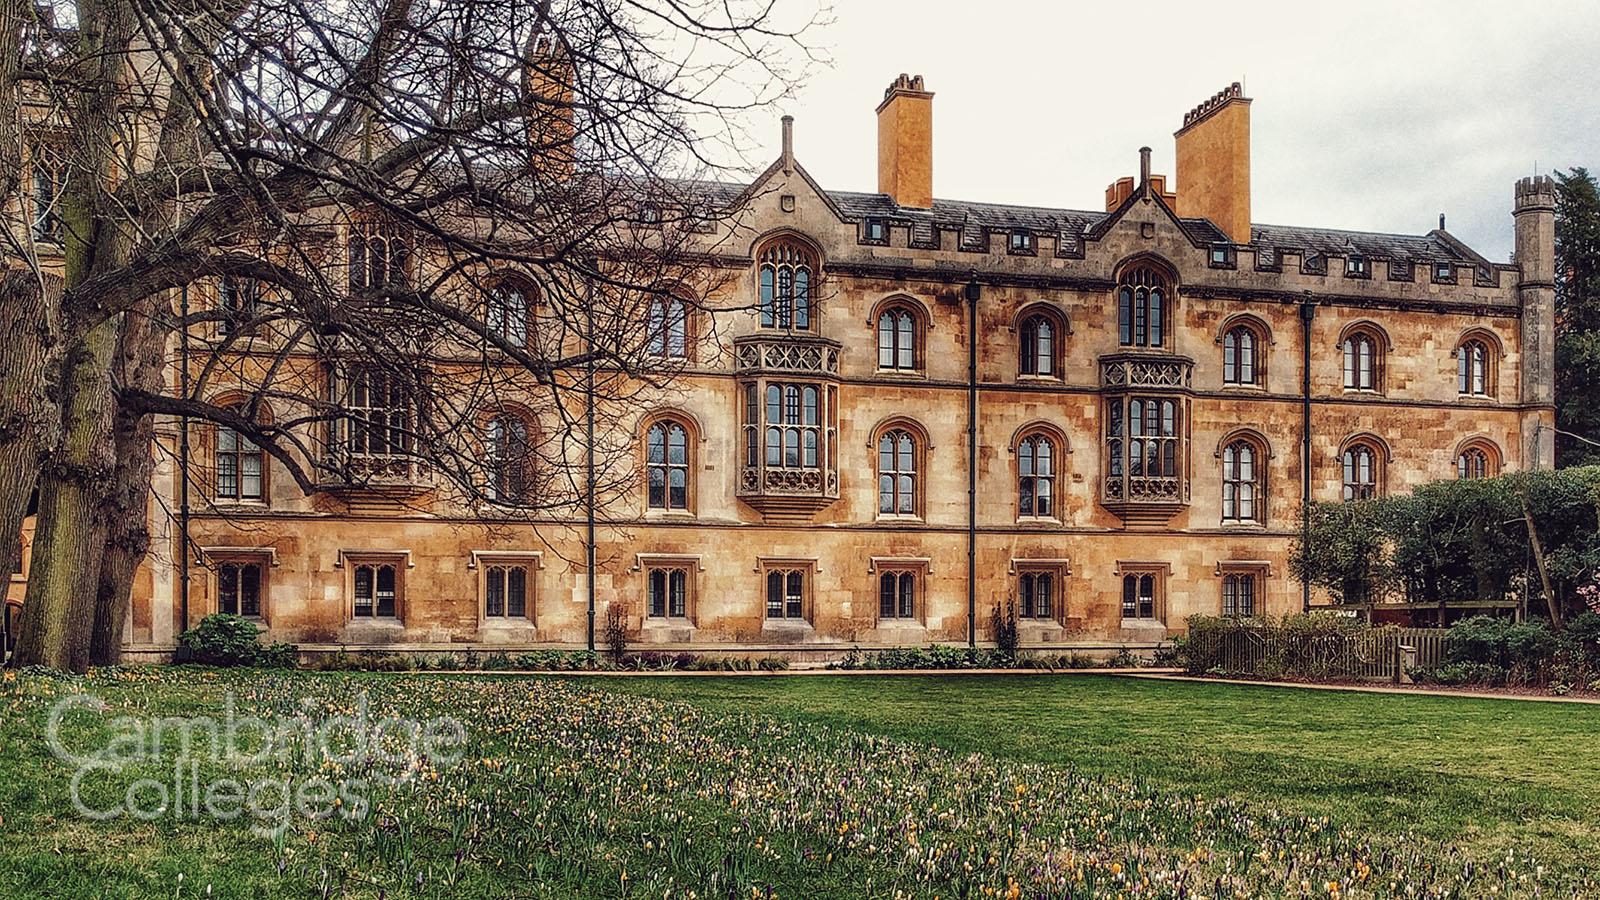 Trinity college, Cambridge, New court